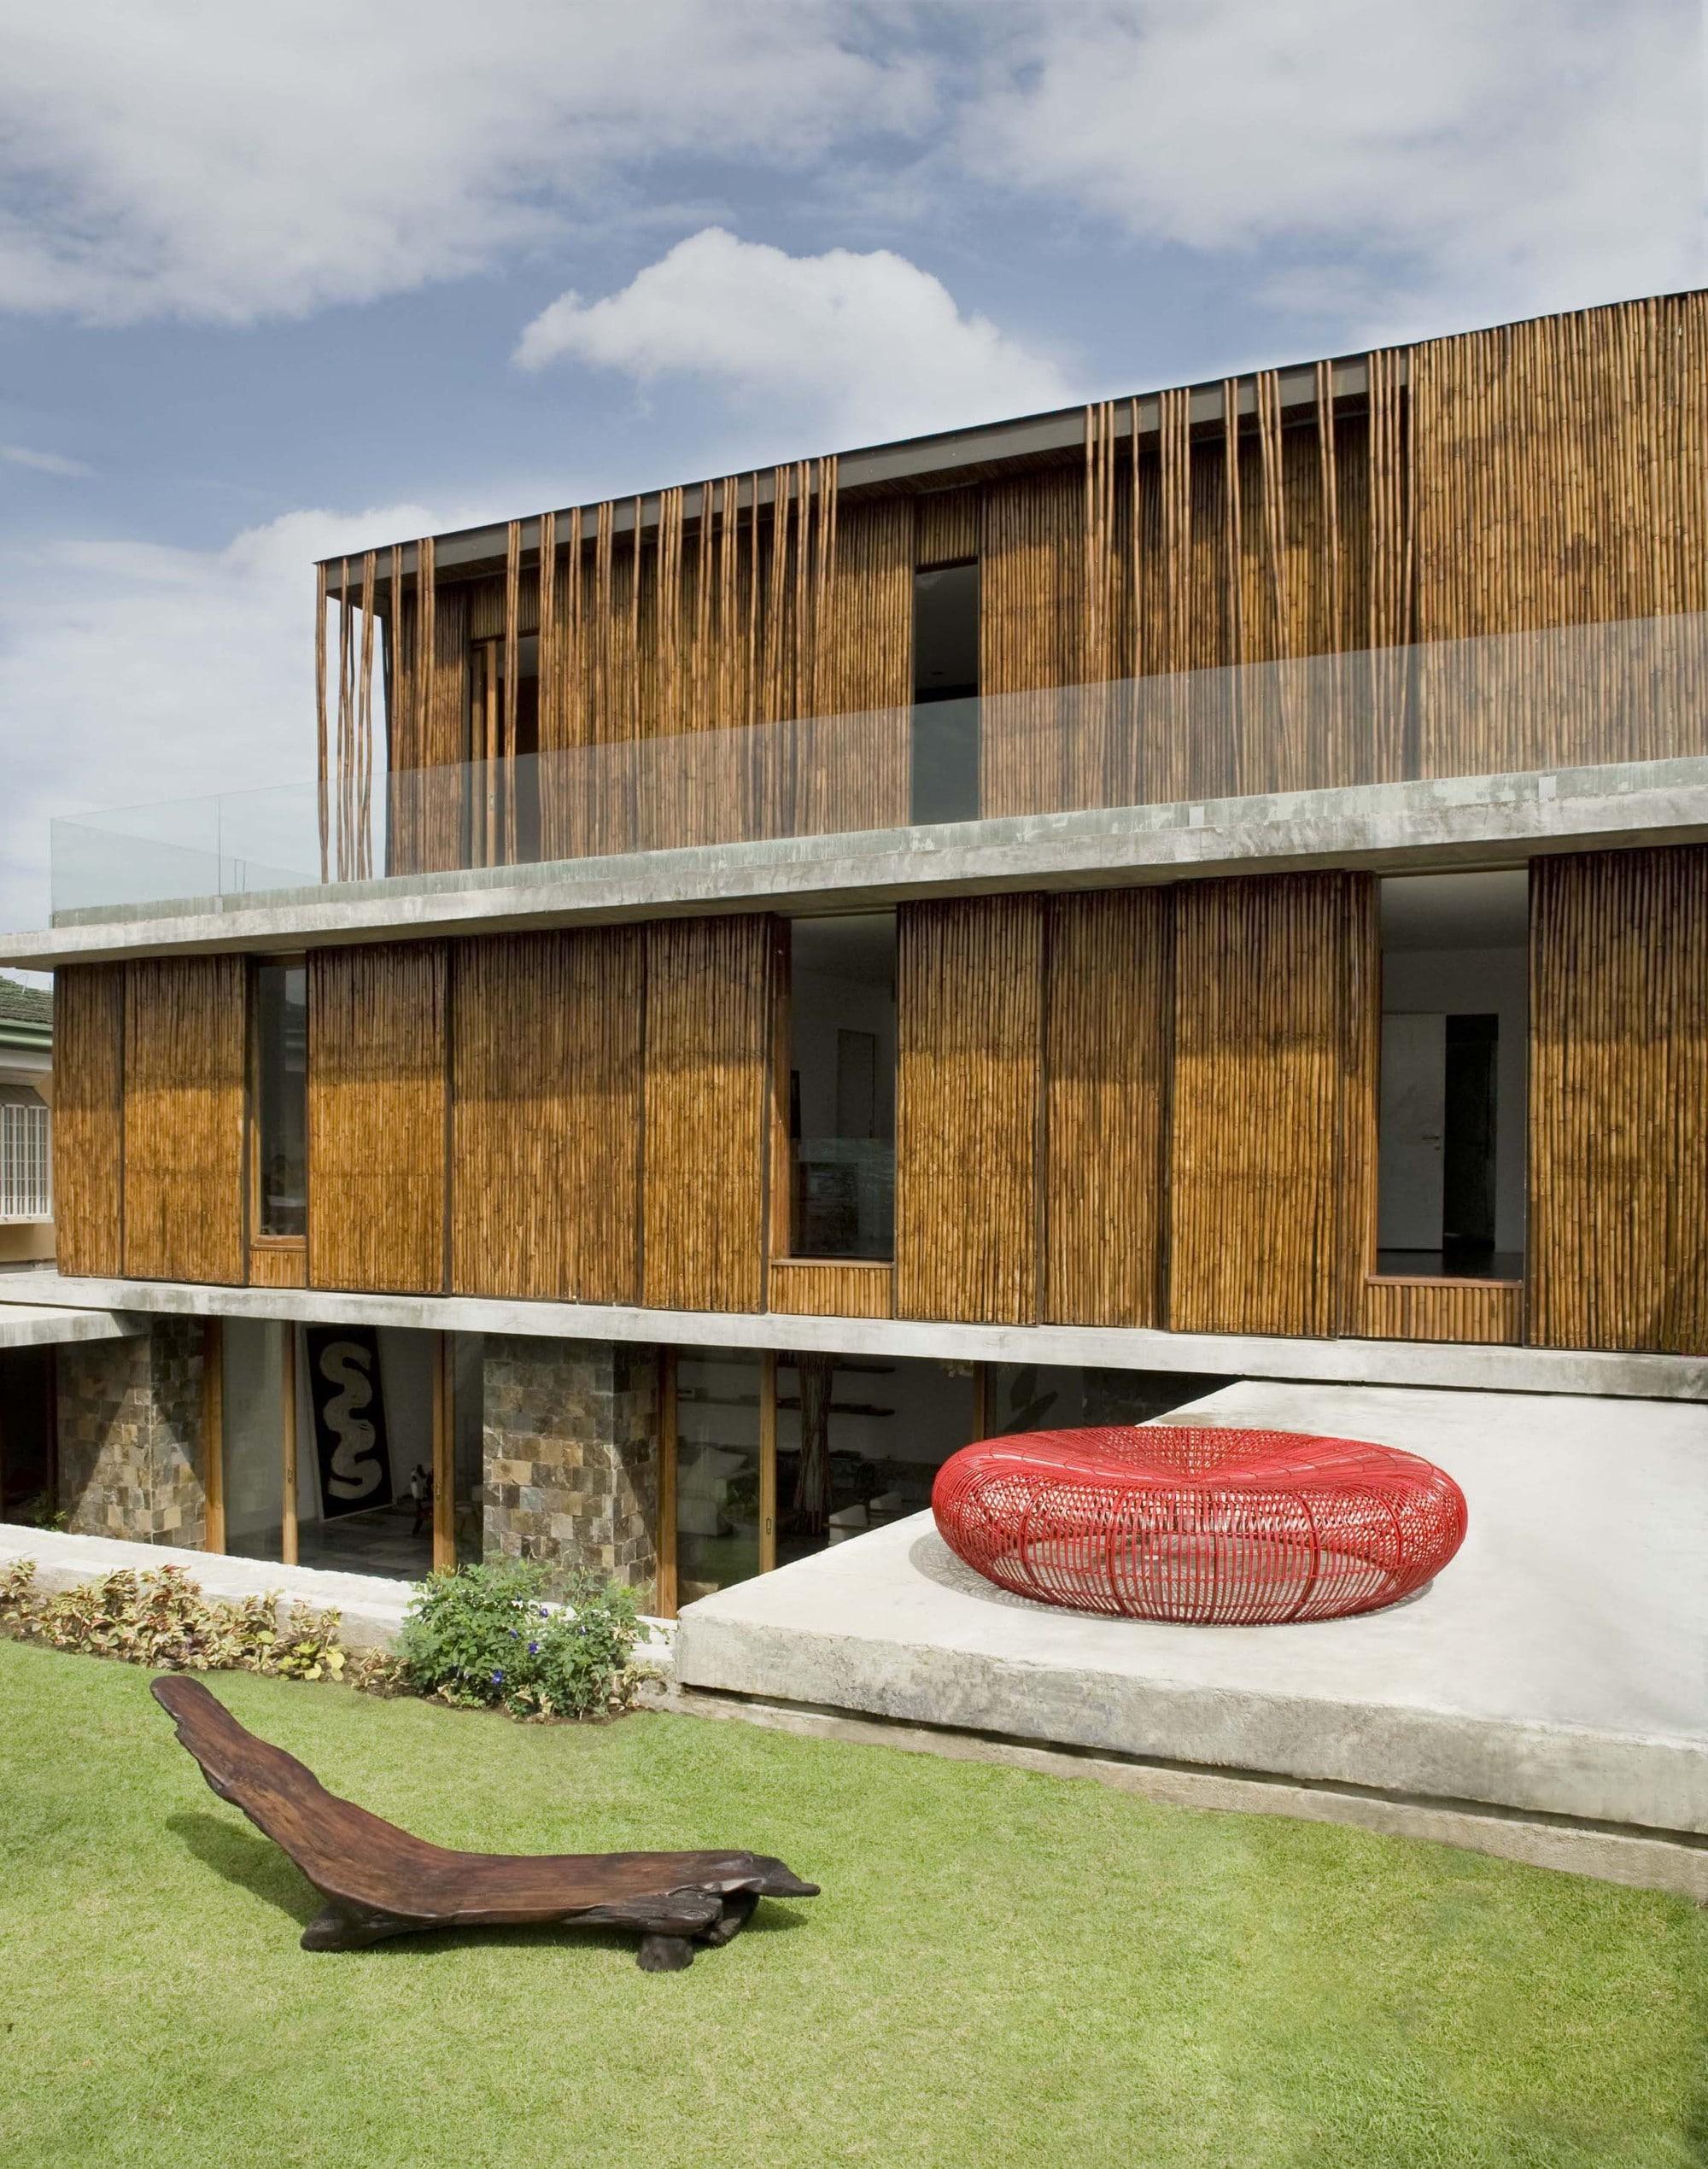 fachada de casa rstica de bamb